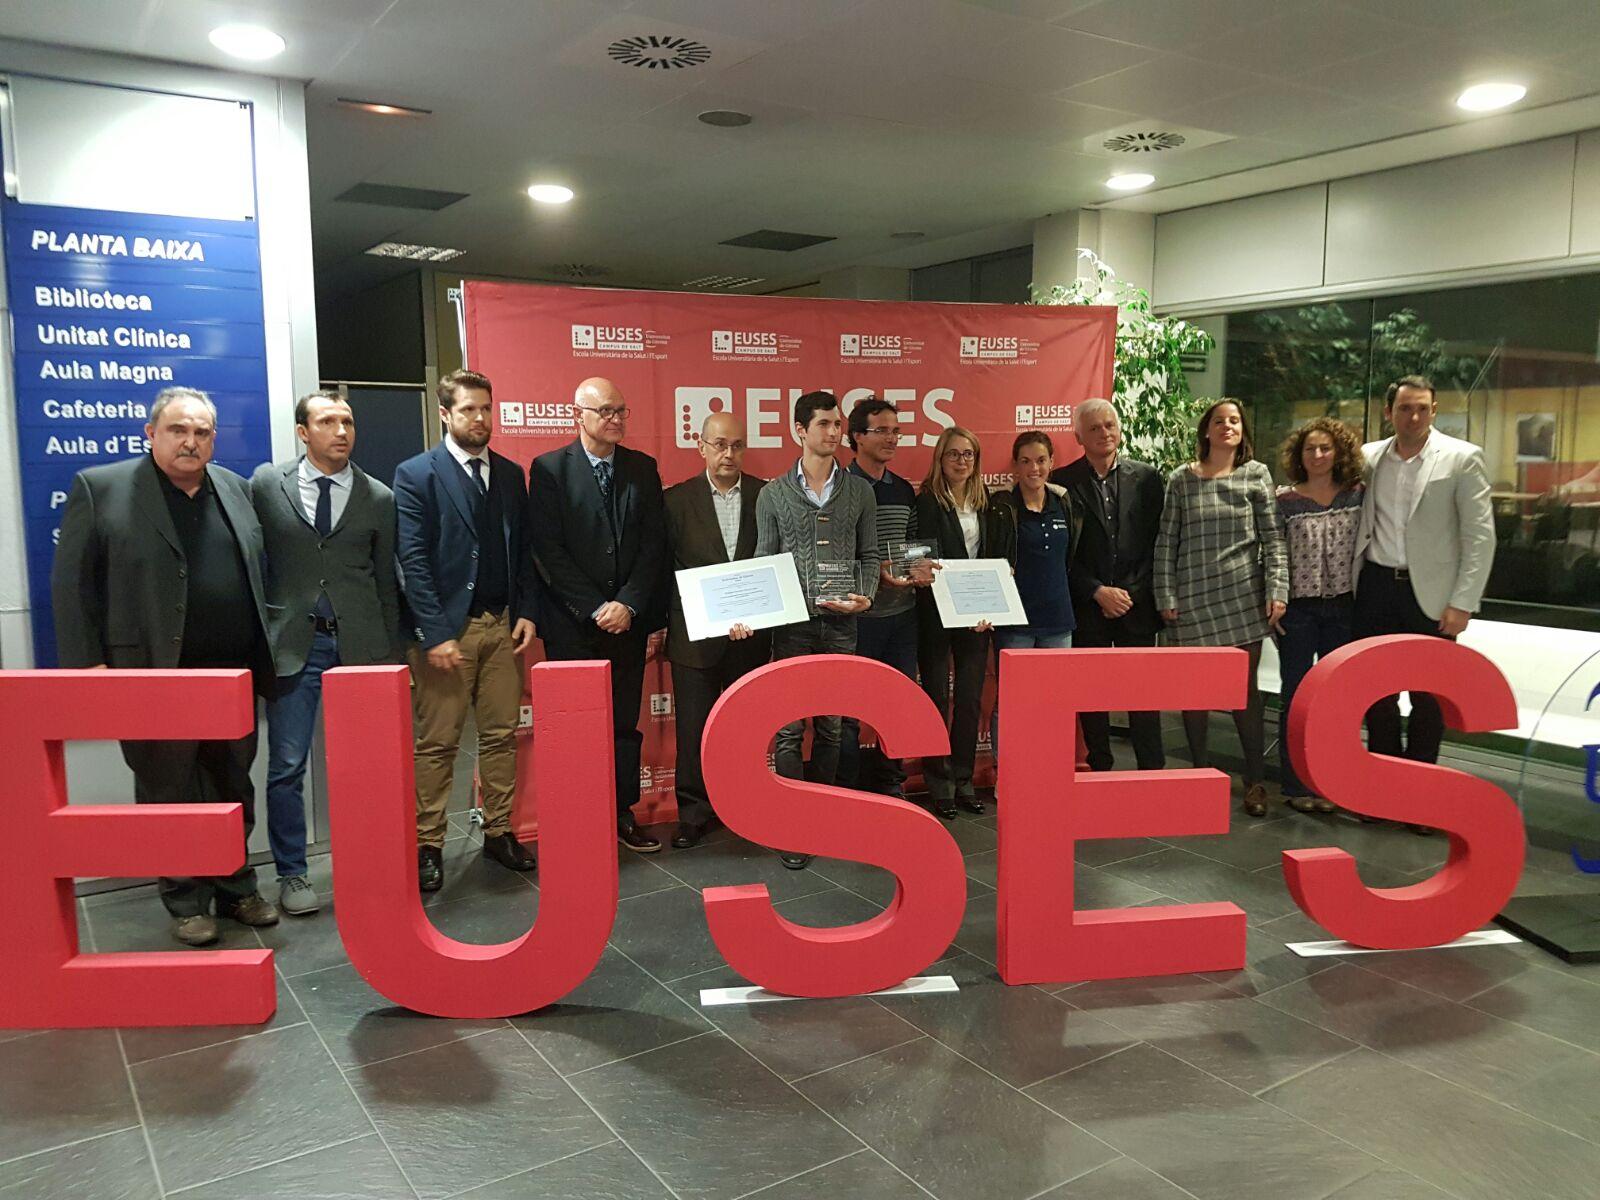 Èxit de la 6a jornada anual d'EUSES Alumni, amb l'atleta Esther Guerrero, el tècnic Joan Lleonart i el Dr. Ramon Olivé de protagonistes i els Jocs Olímpics